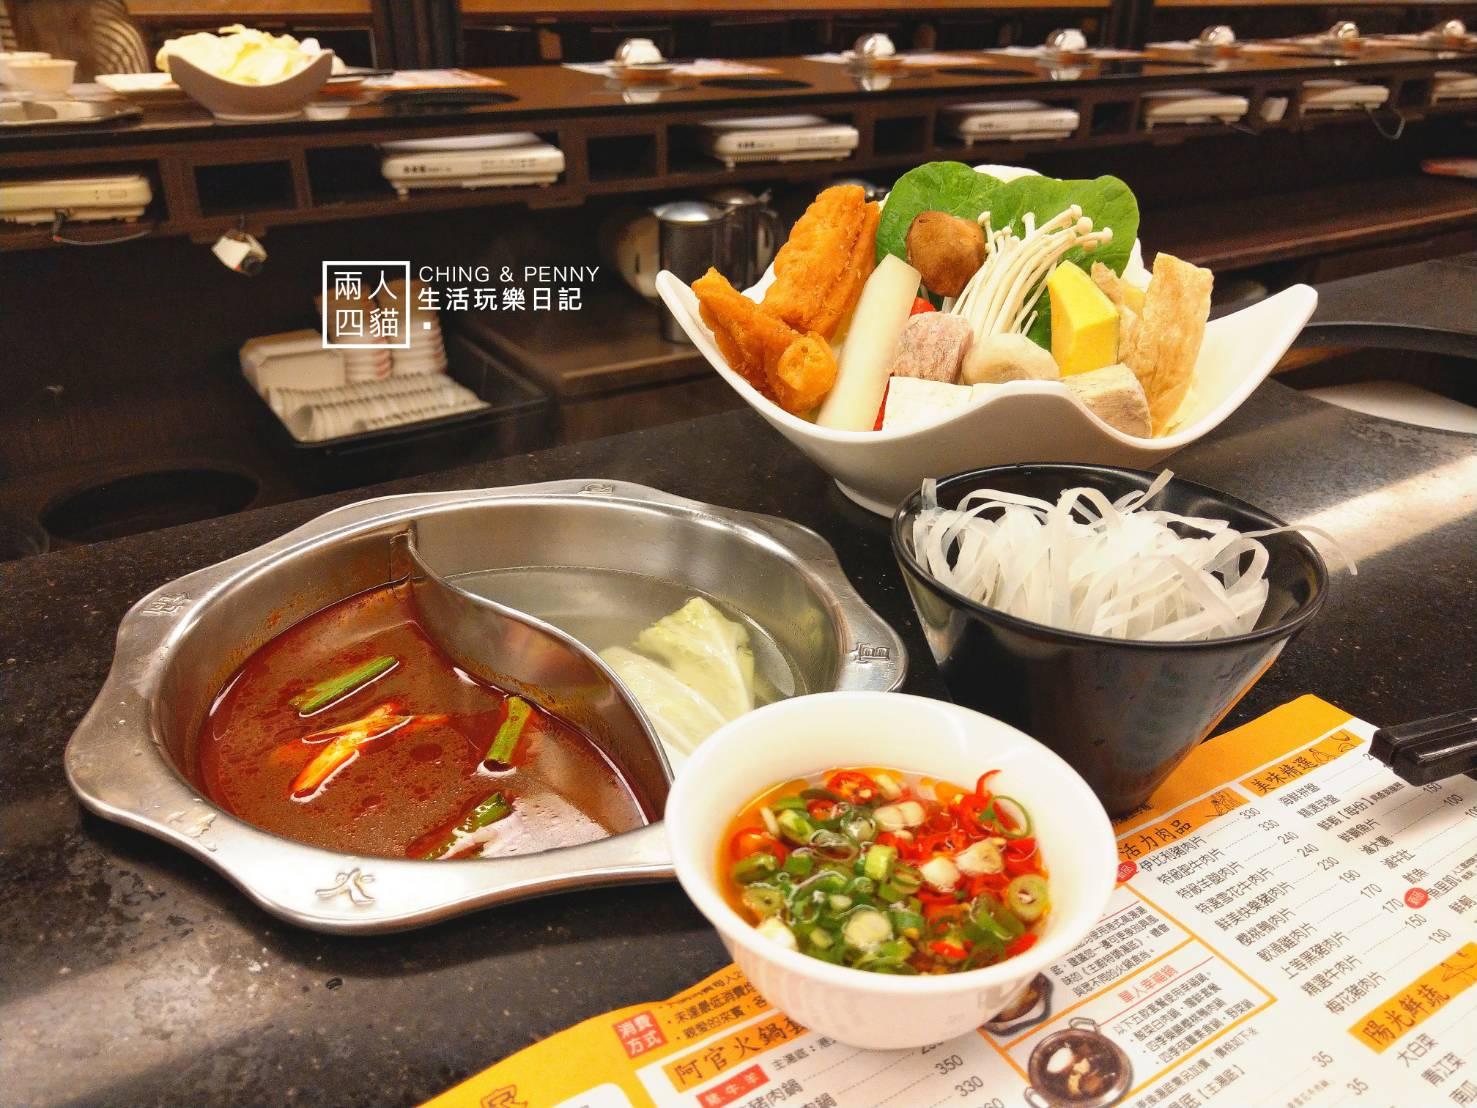 【板橋 美食】一個人也可以吃鴛鴦鍋!深夜推薦【阿官火鍋】板橋店